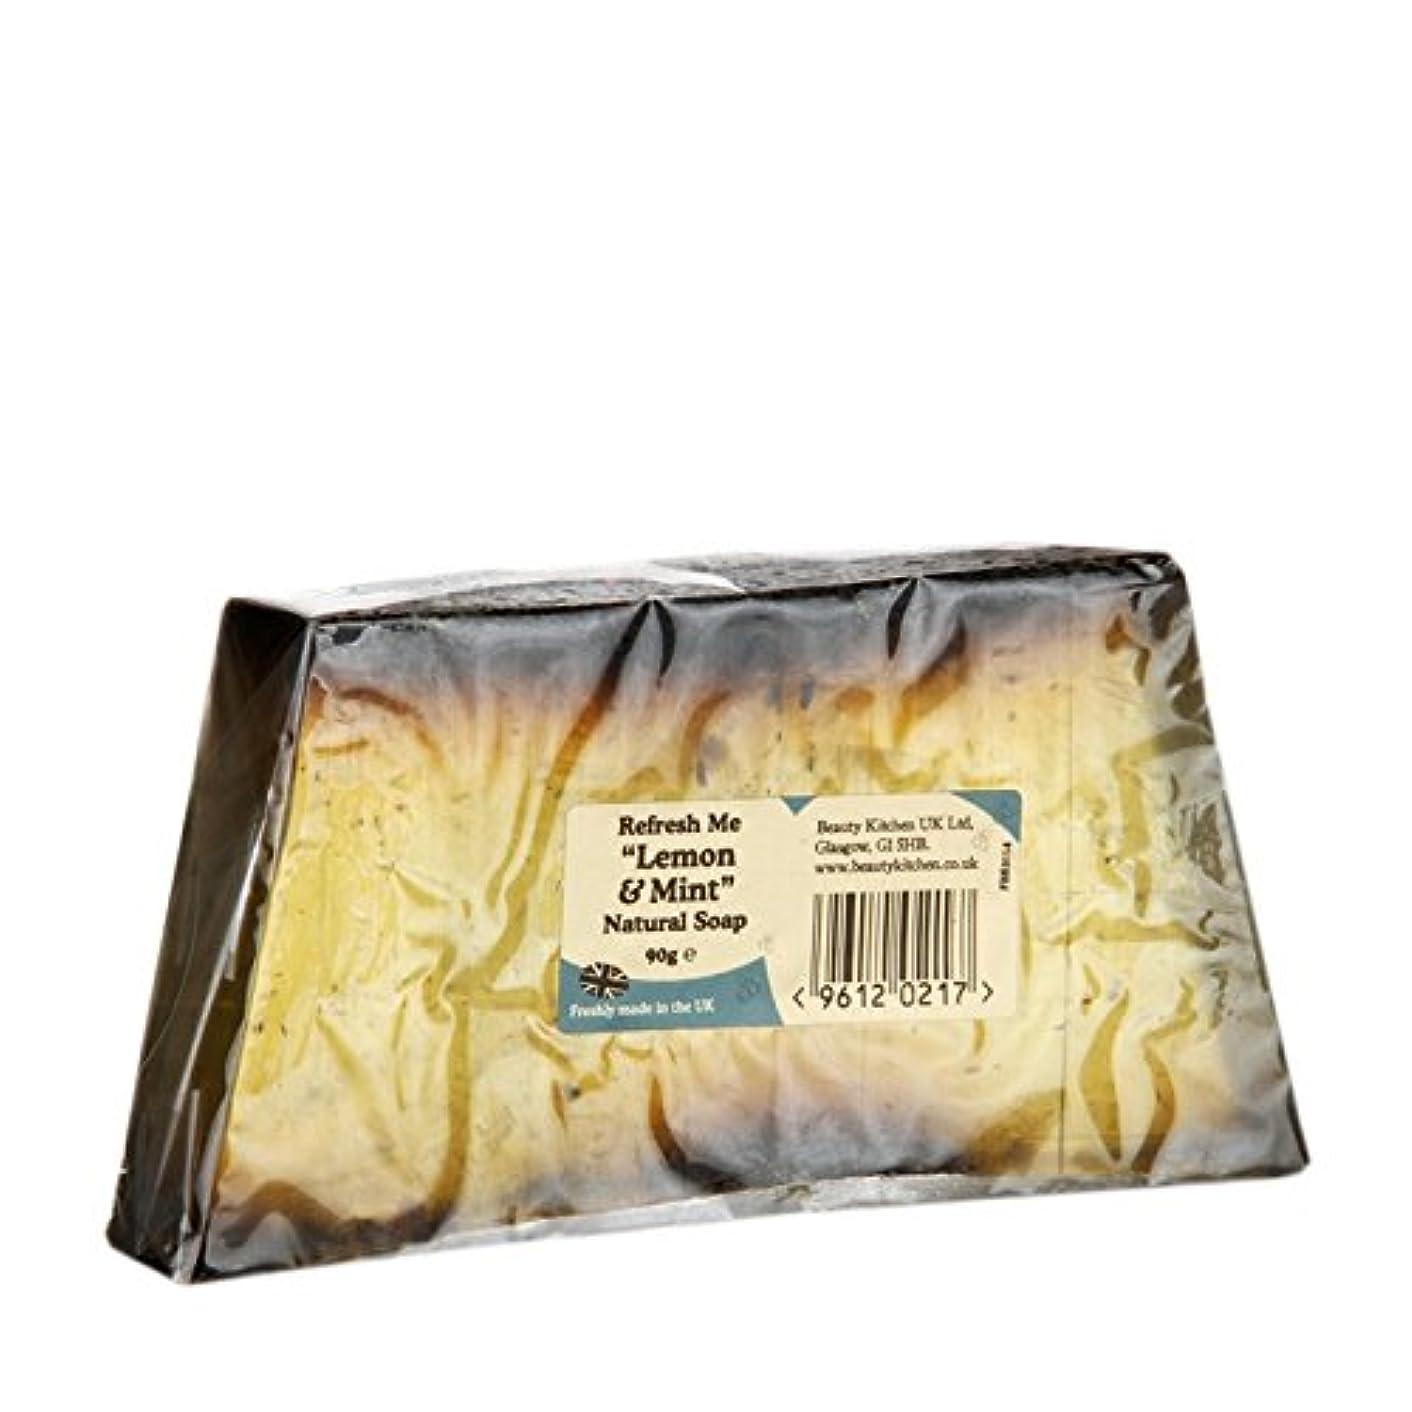 百万動機付ける重くするBeauty Kitchen Refresh Me Lemon & Mint Natural Soap 90g (Pack of 2) - 美しさのキッチンは私にレモン&ミントの天然石鹸90グラムを更新します (x2) [並行輸入品]